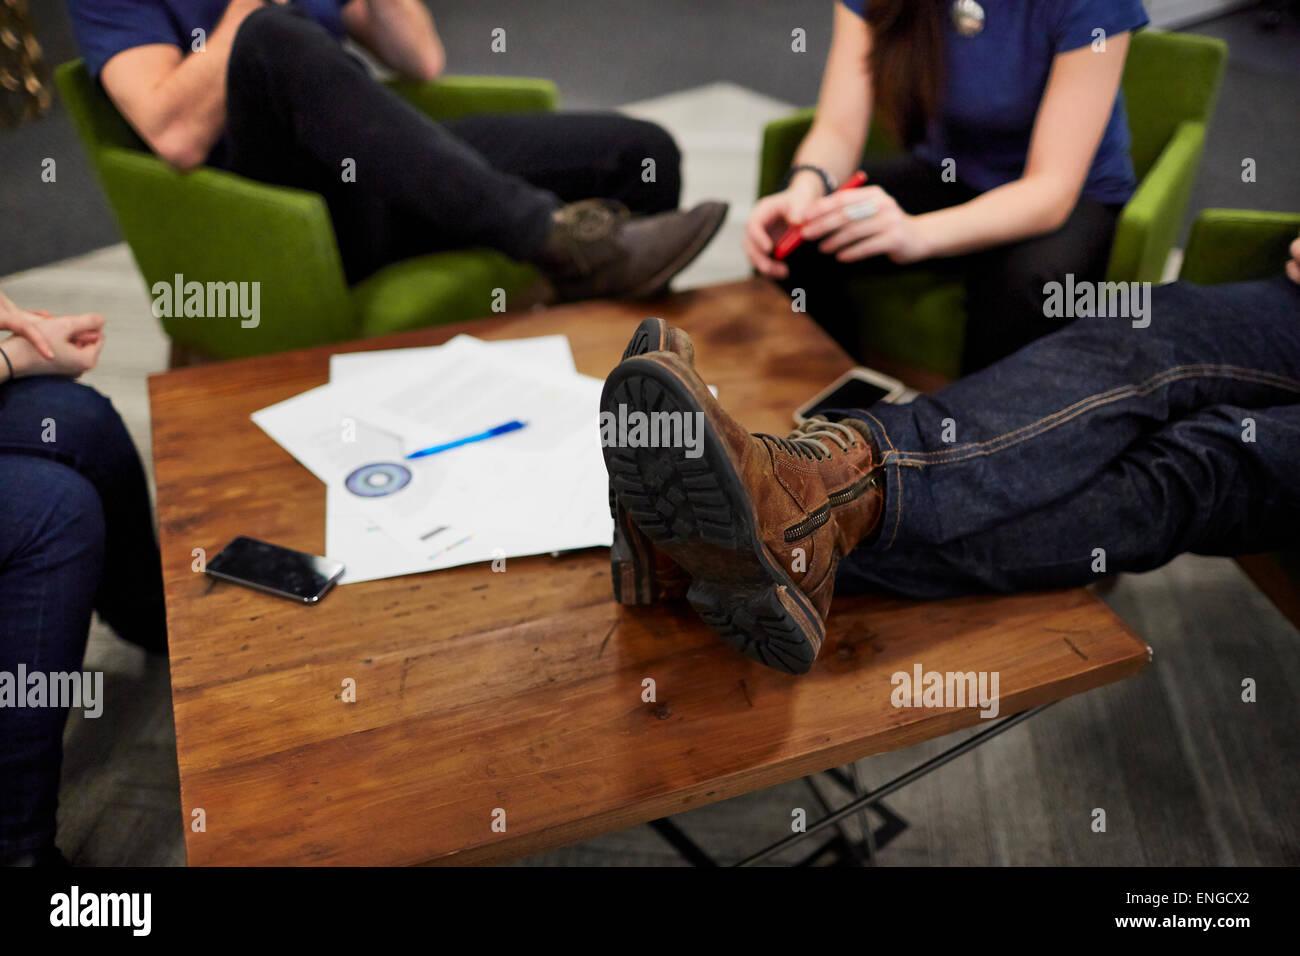 Draufsicht eines Treffens von vier Personen sitzen an einem niedrigen Tisch. Stockbild